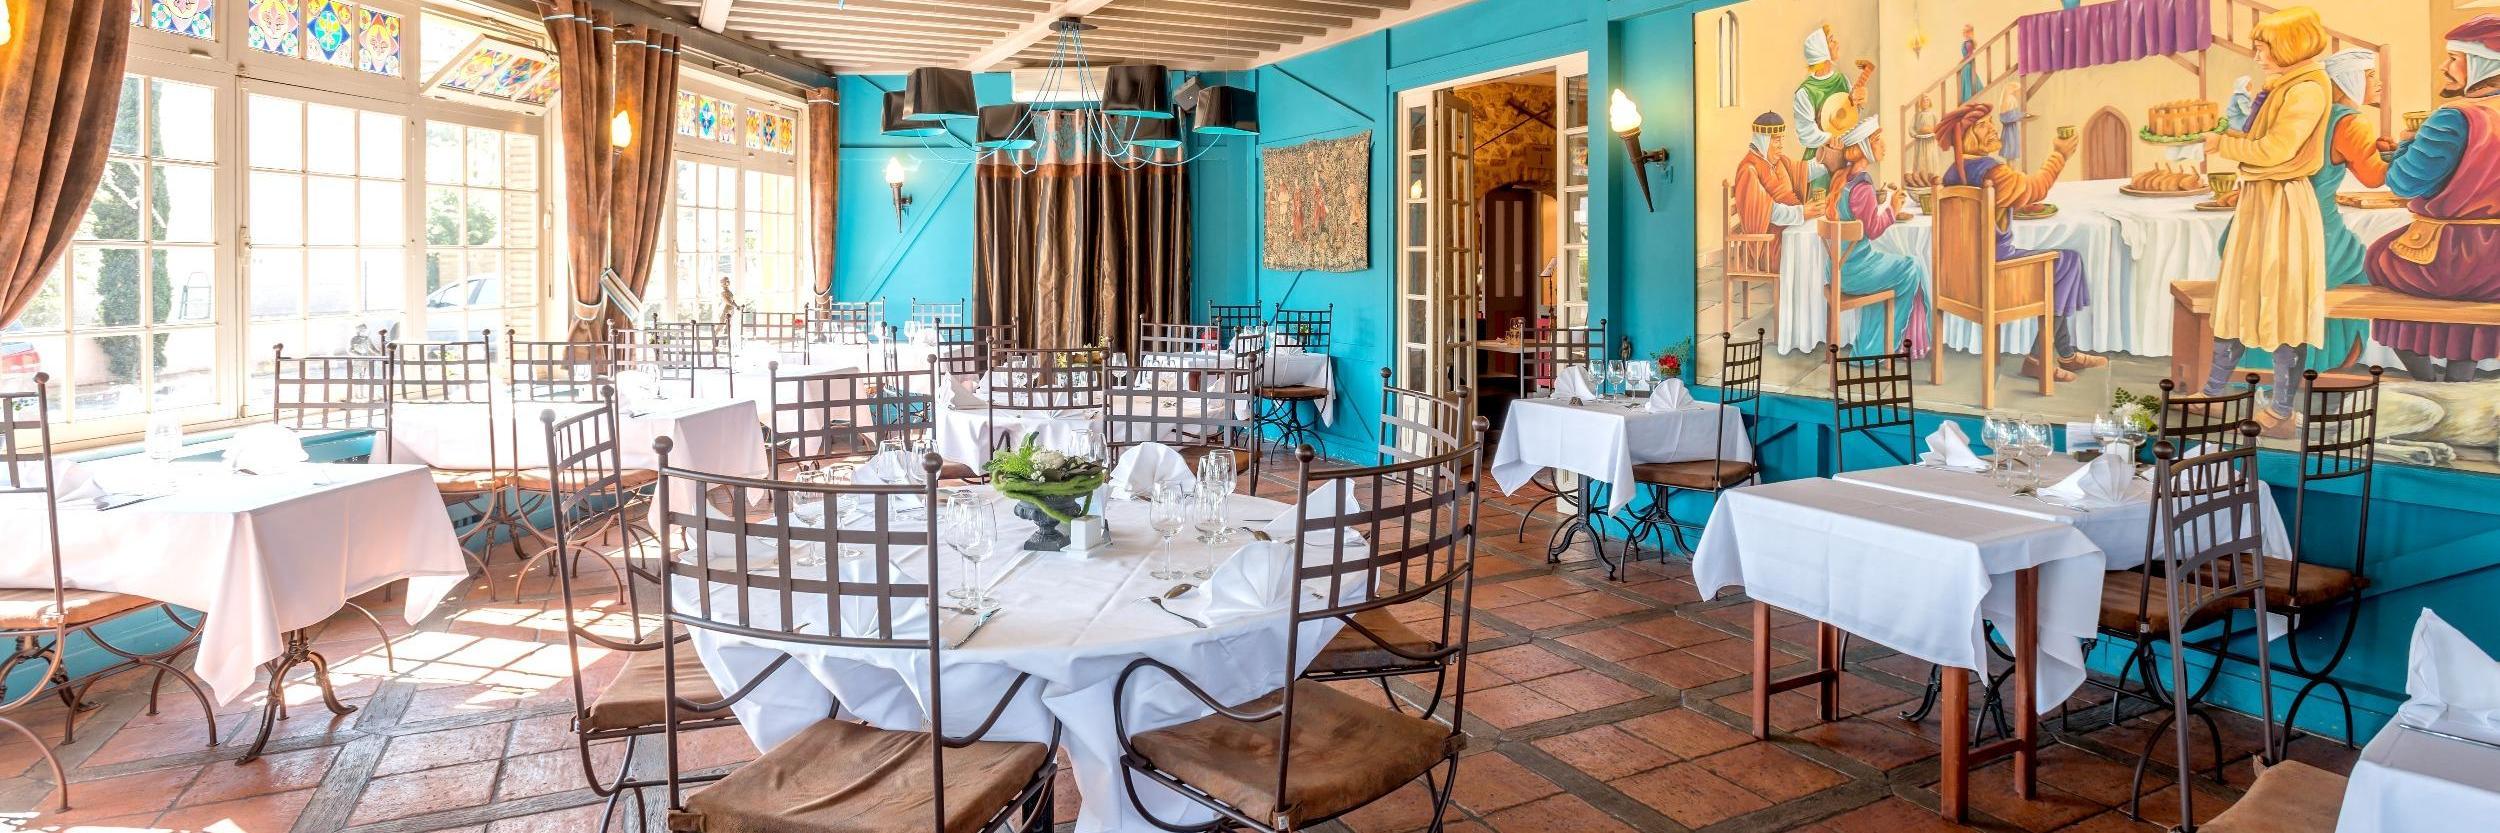 H Tel Lyon 6e Arrondissement Dans Rh Ne Restaurants Logis Hotels Lyon 6e Arrondissement